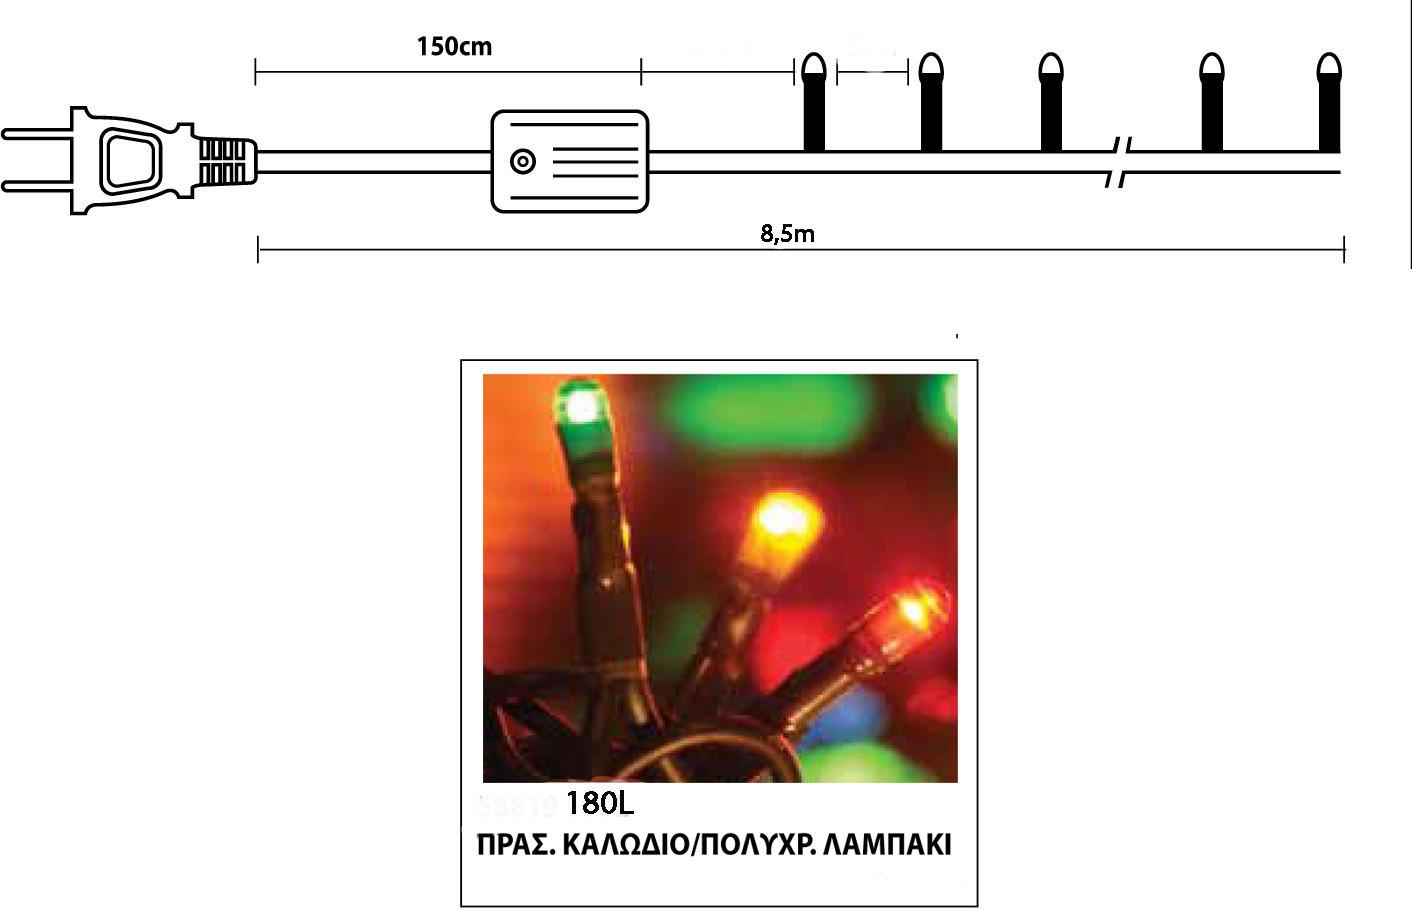 Χριστουγεννιάτικα Φωτάκια με Προγράμματα 180L - Πολύχρωμο (XLAGS10180)